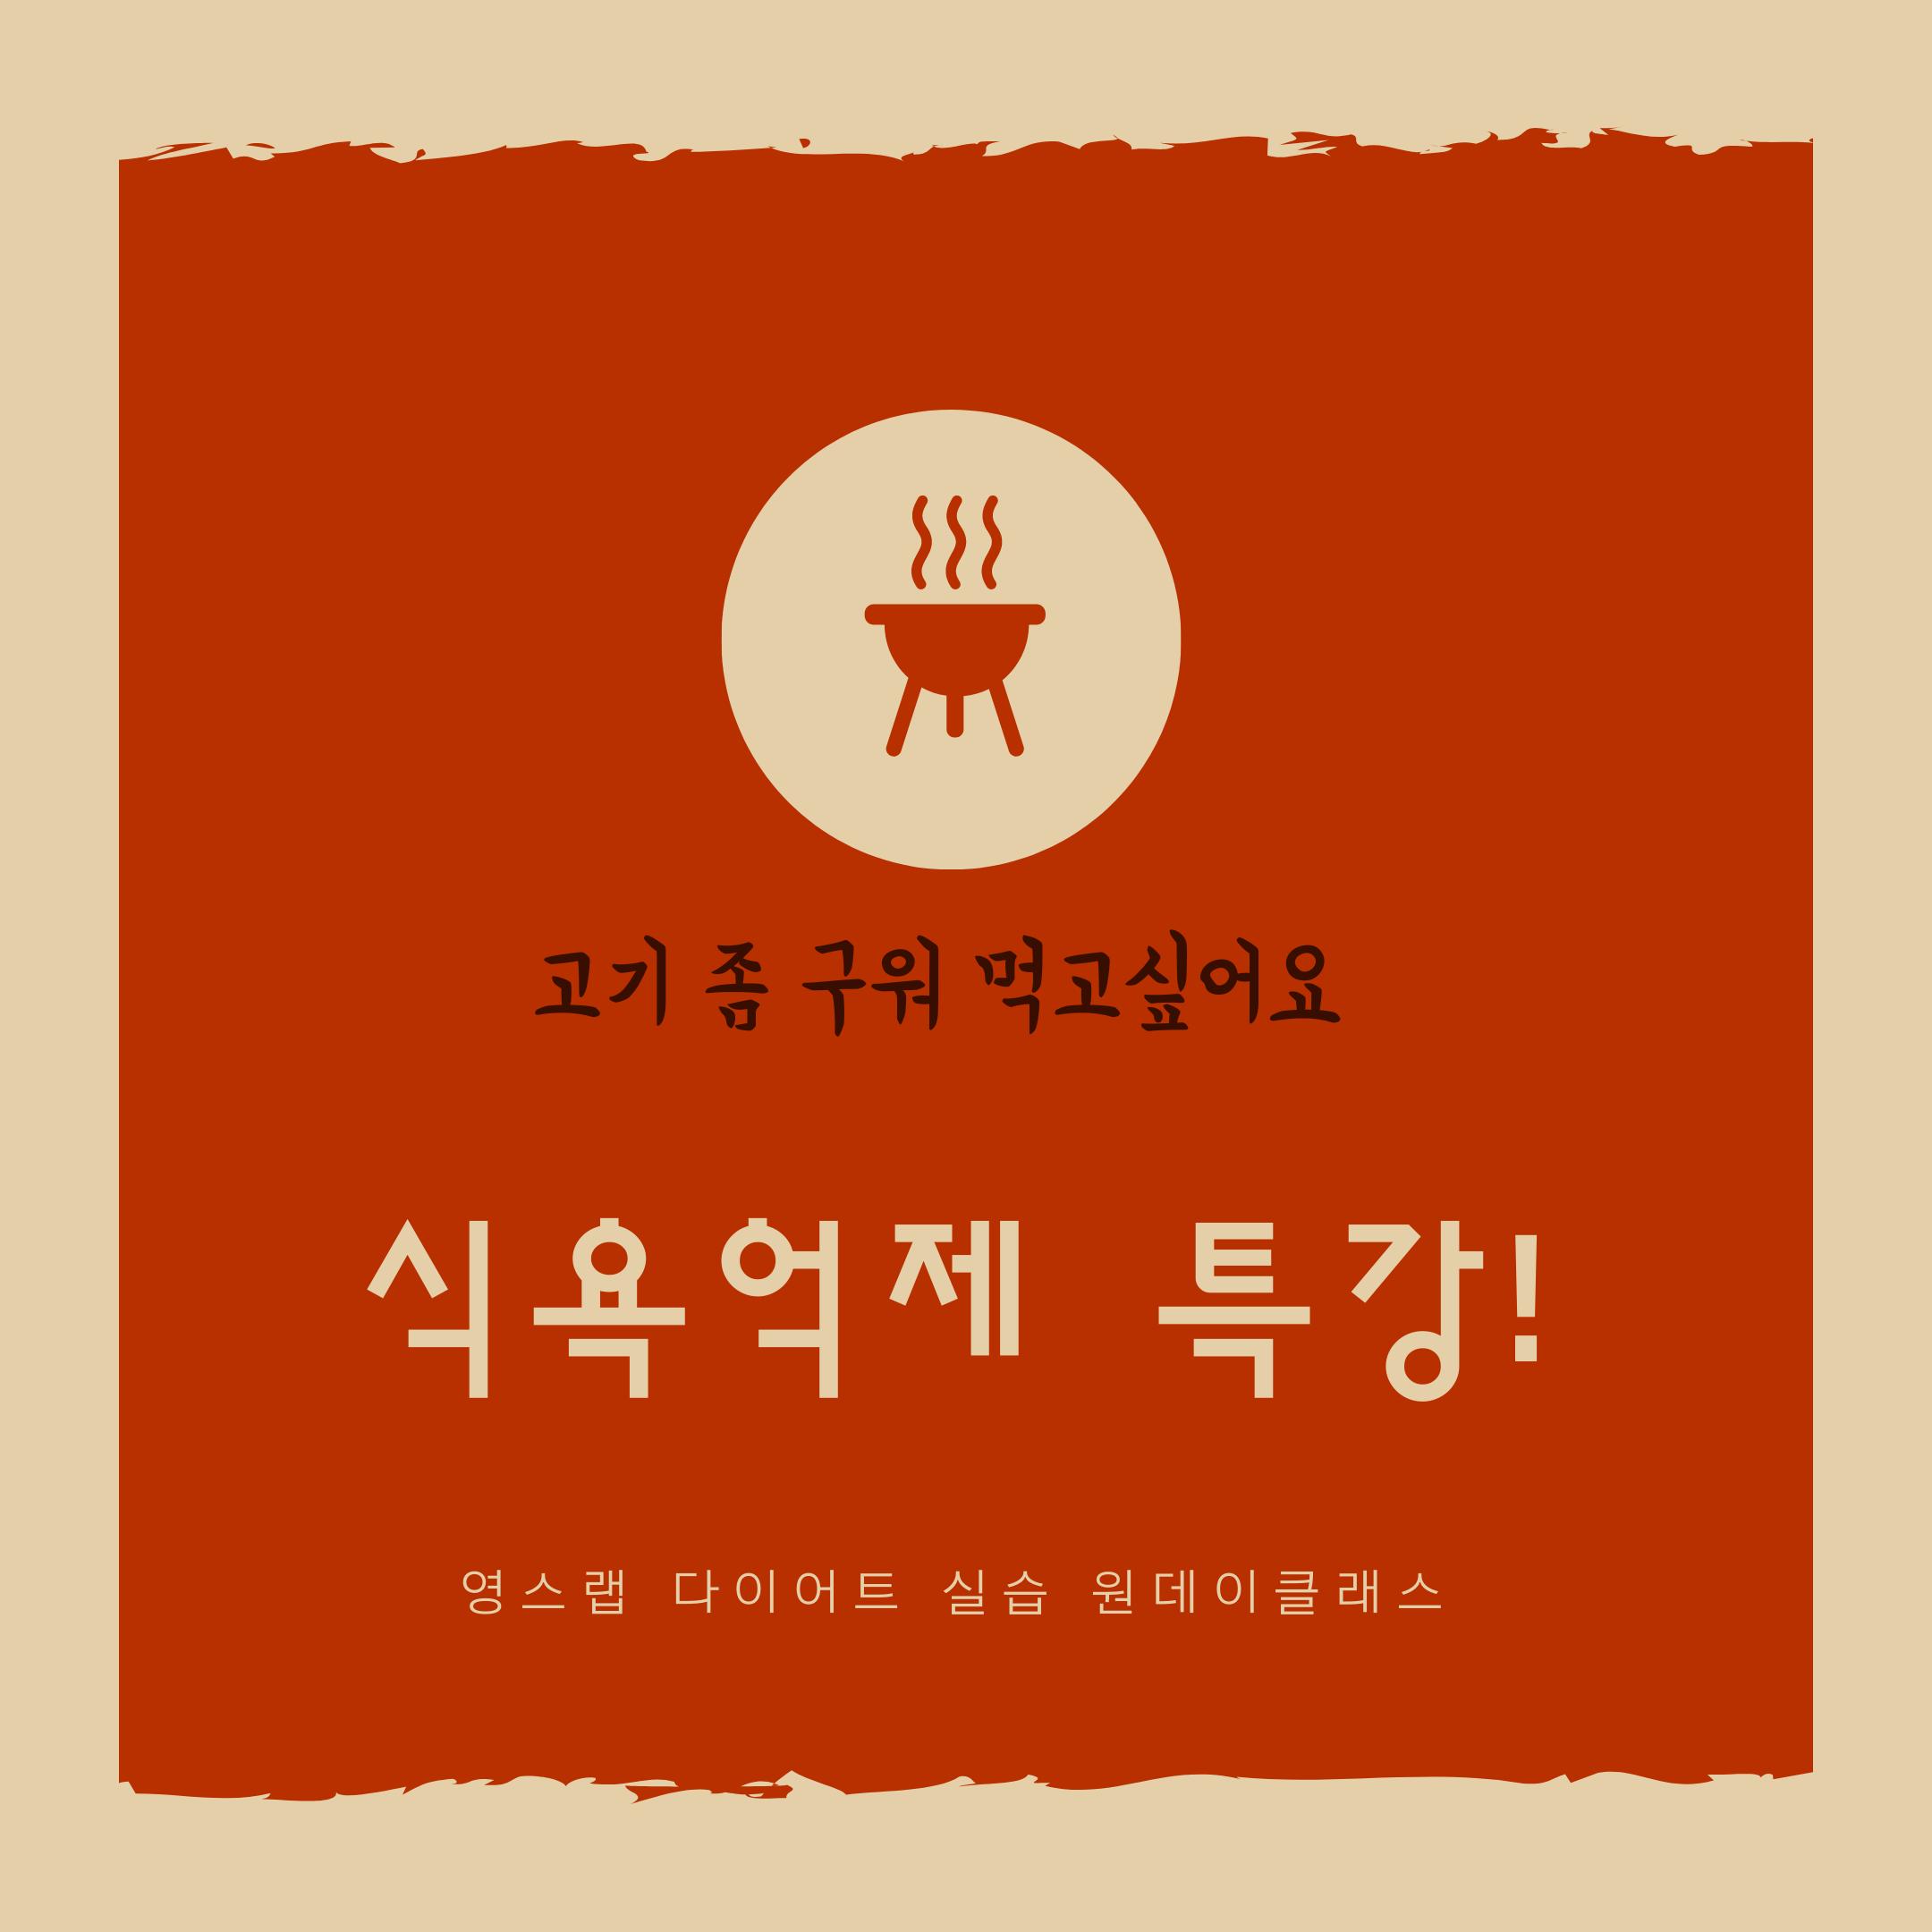 영스랩 8/2 식욕억제(다이어트) 일일 체험 원데이클래스